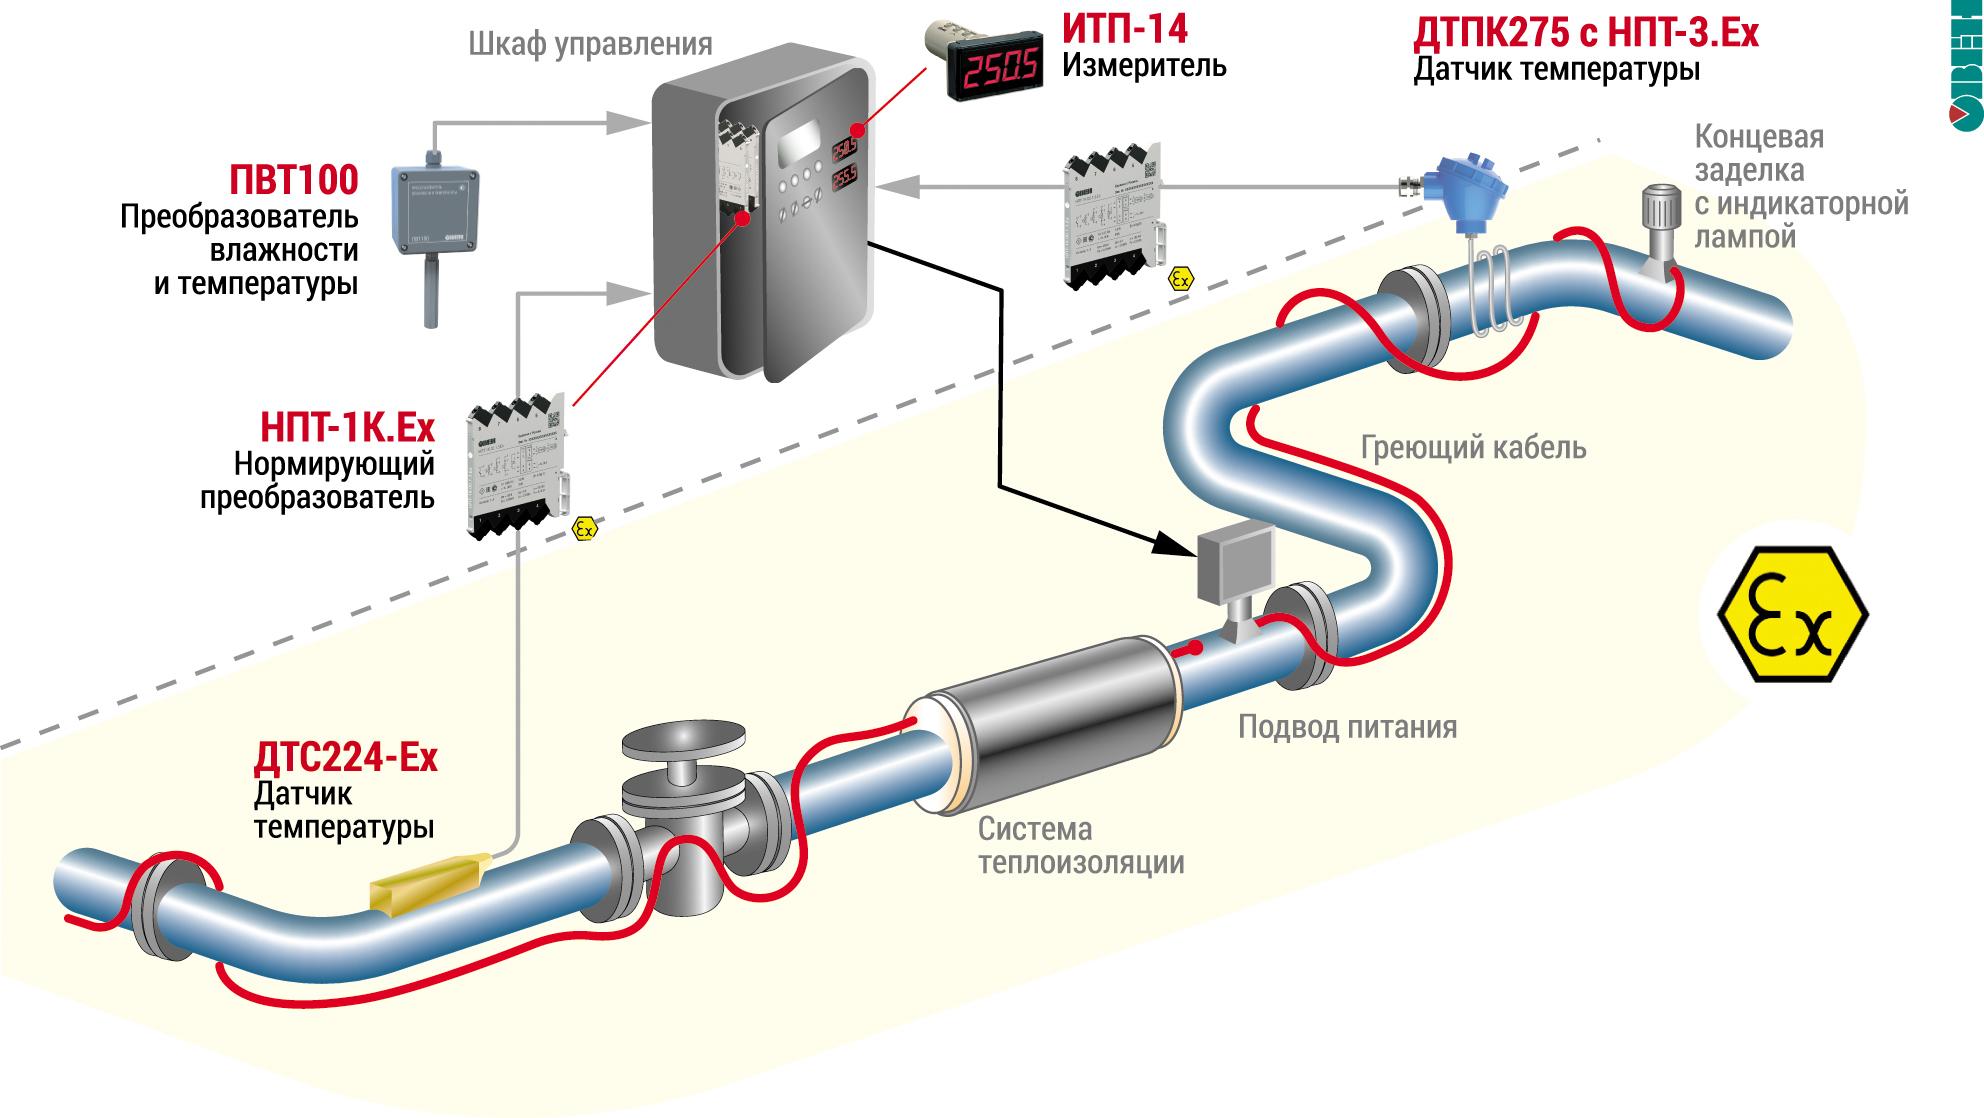 Общие принципы построения системы обогрева трубопровода